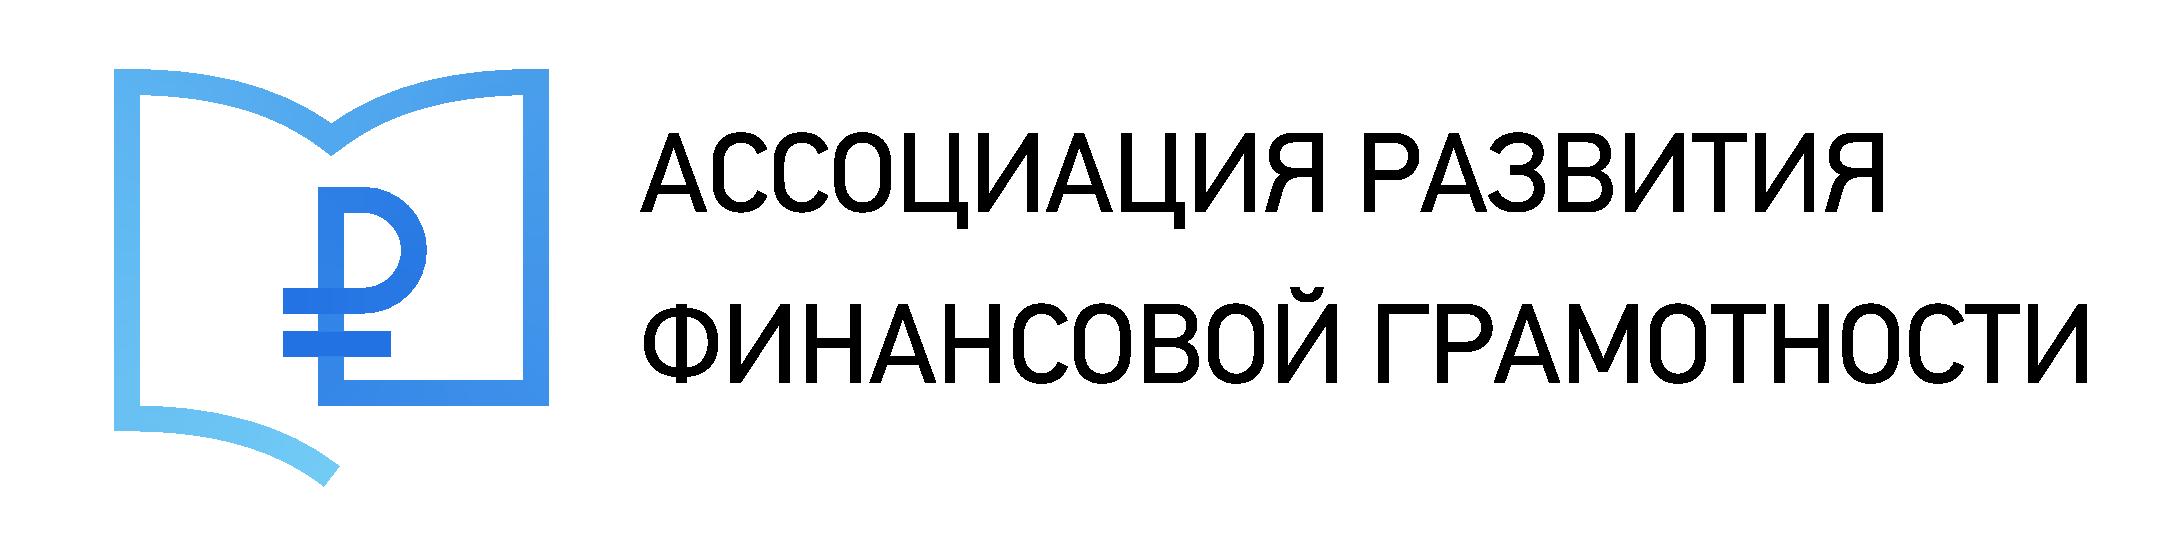 ARFG_fin-01